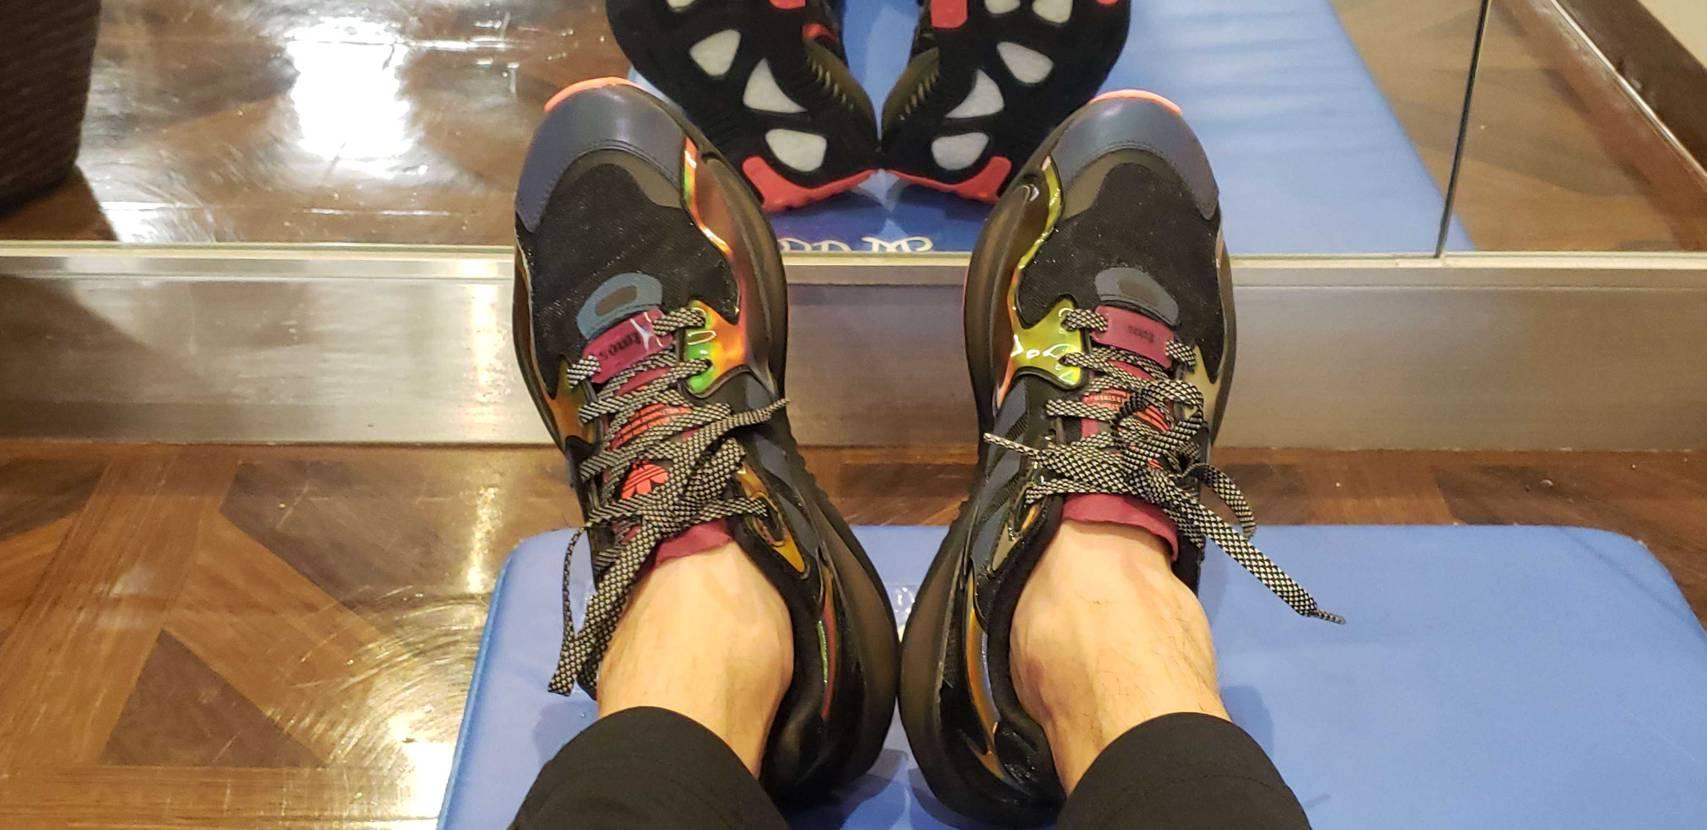 実物めちゃかっこいいです。 #adidas #atmos #スニーカー #アディ